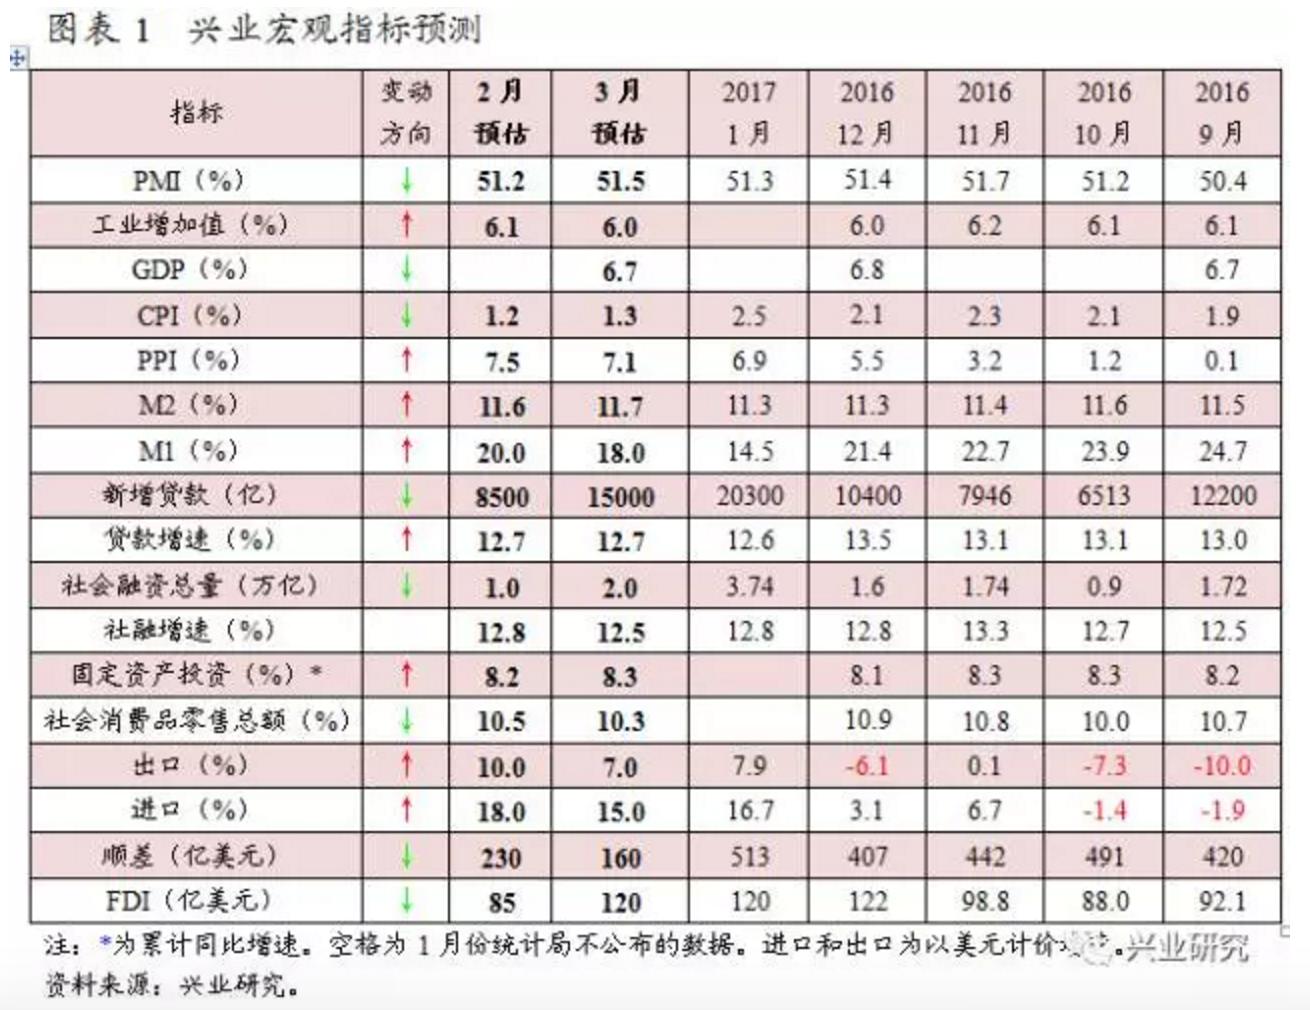 中国三月社会融资范围数据展望:估量打破3万亿元